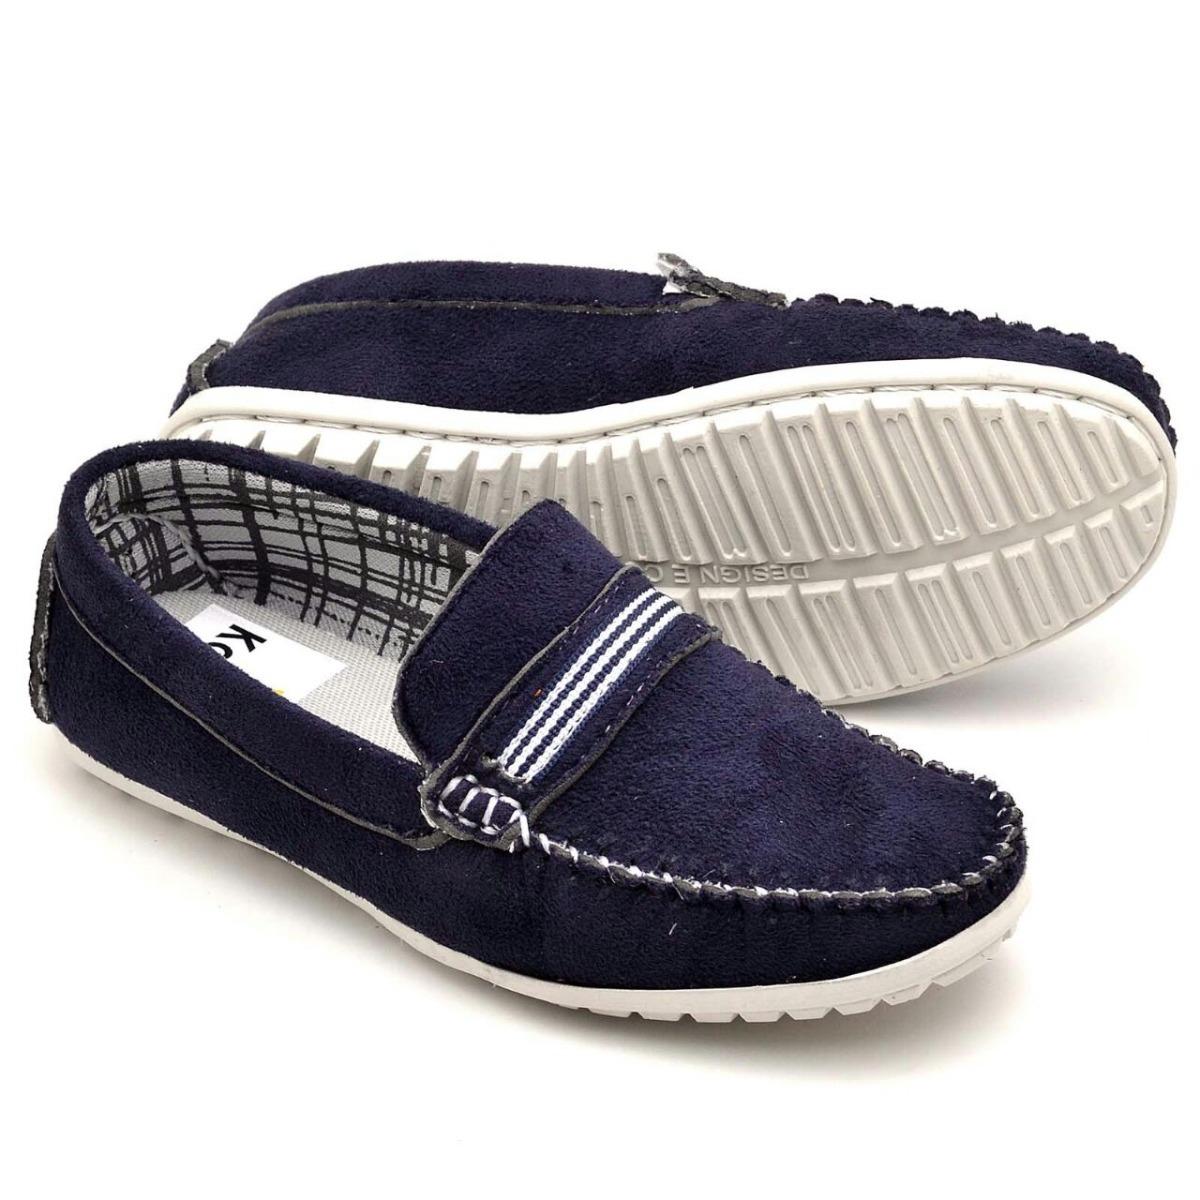 c234103f45 sapato mocassim infantil masculino em couro legítimo casual. Carregando  zoom.